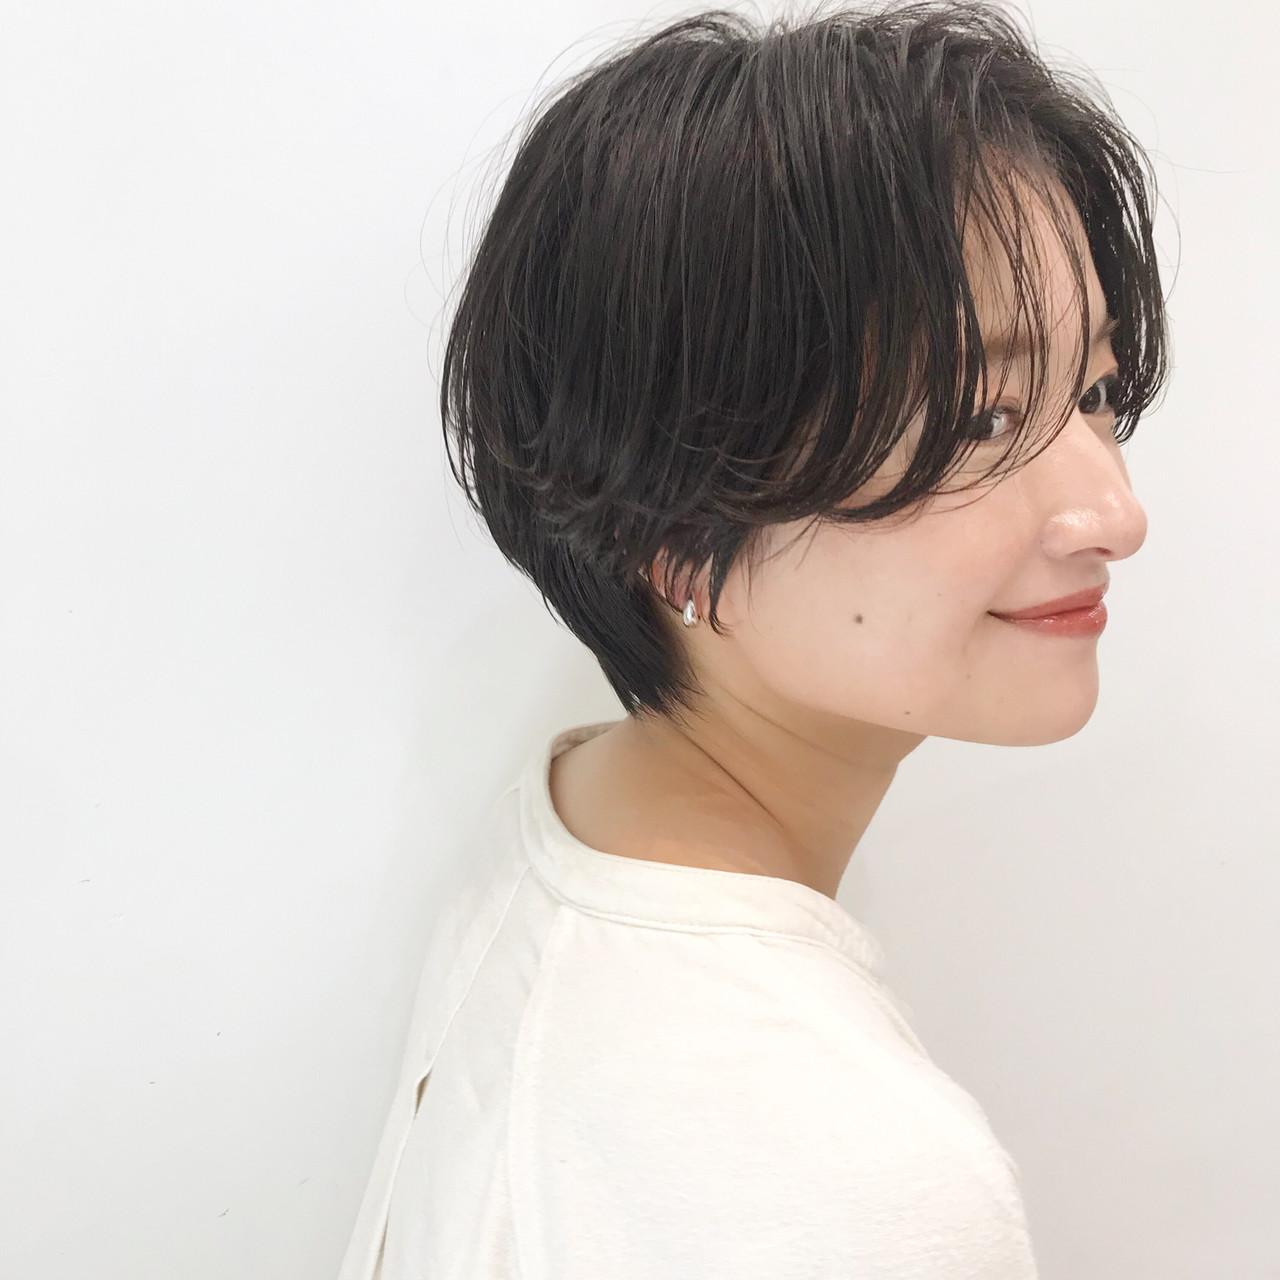 デート ショート ヘアアレンジ オフィス ヘアスタイルや髪型の写真・画像 | 大人可愛い【ショート・ボブが得意】つばさ / VIE